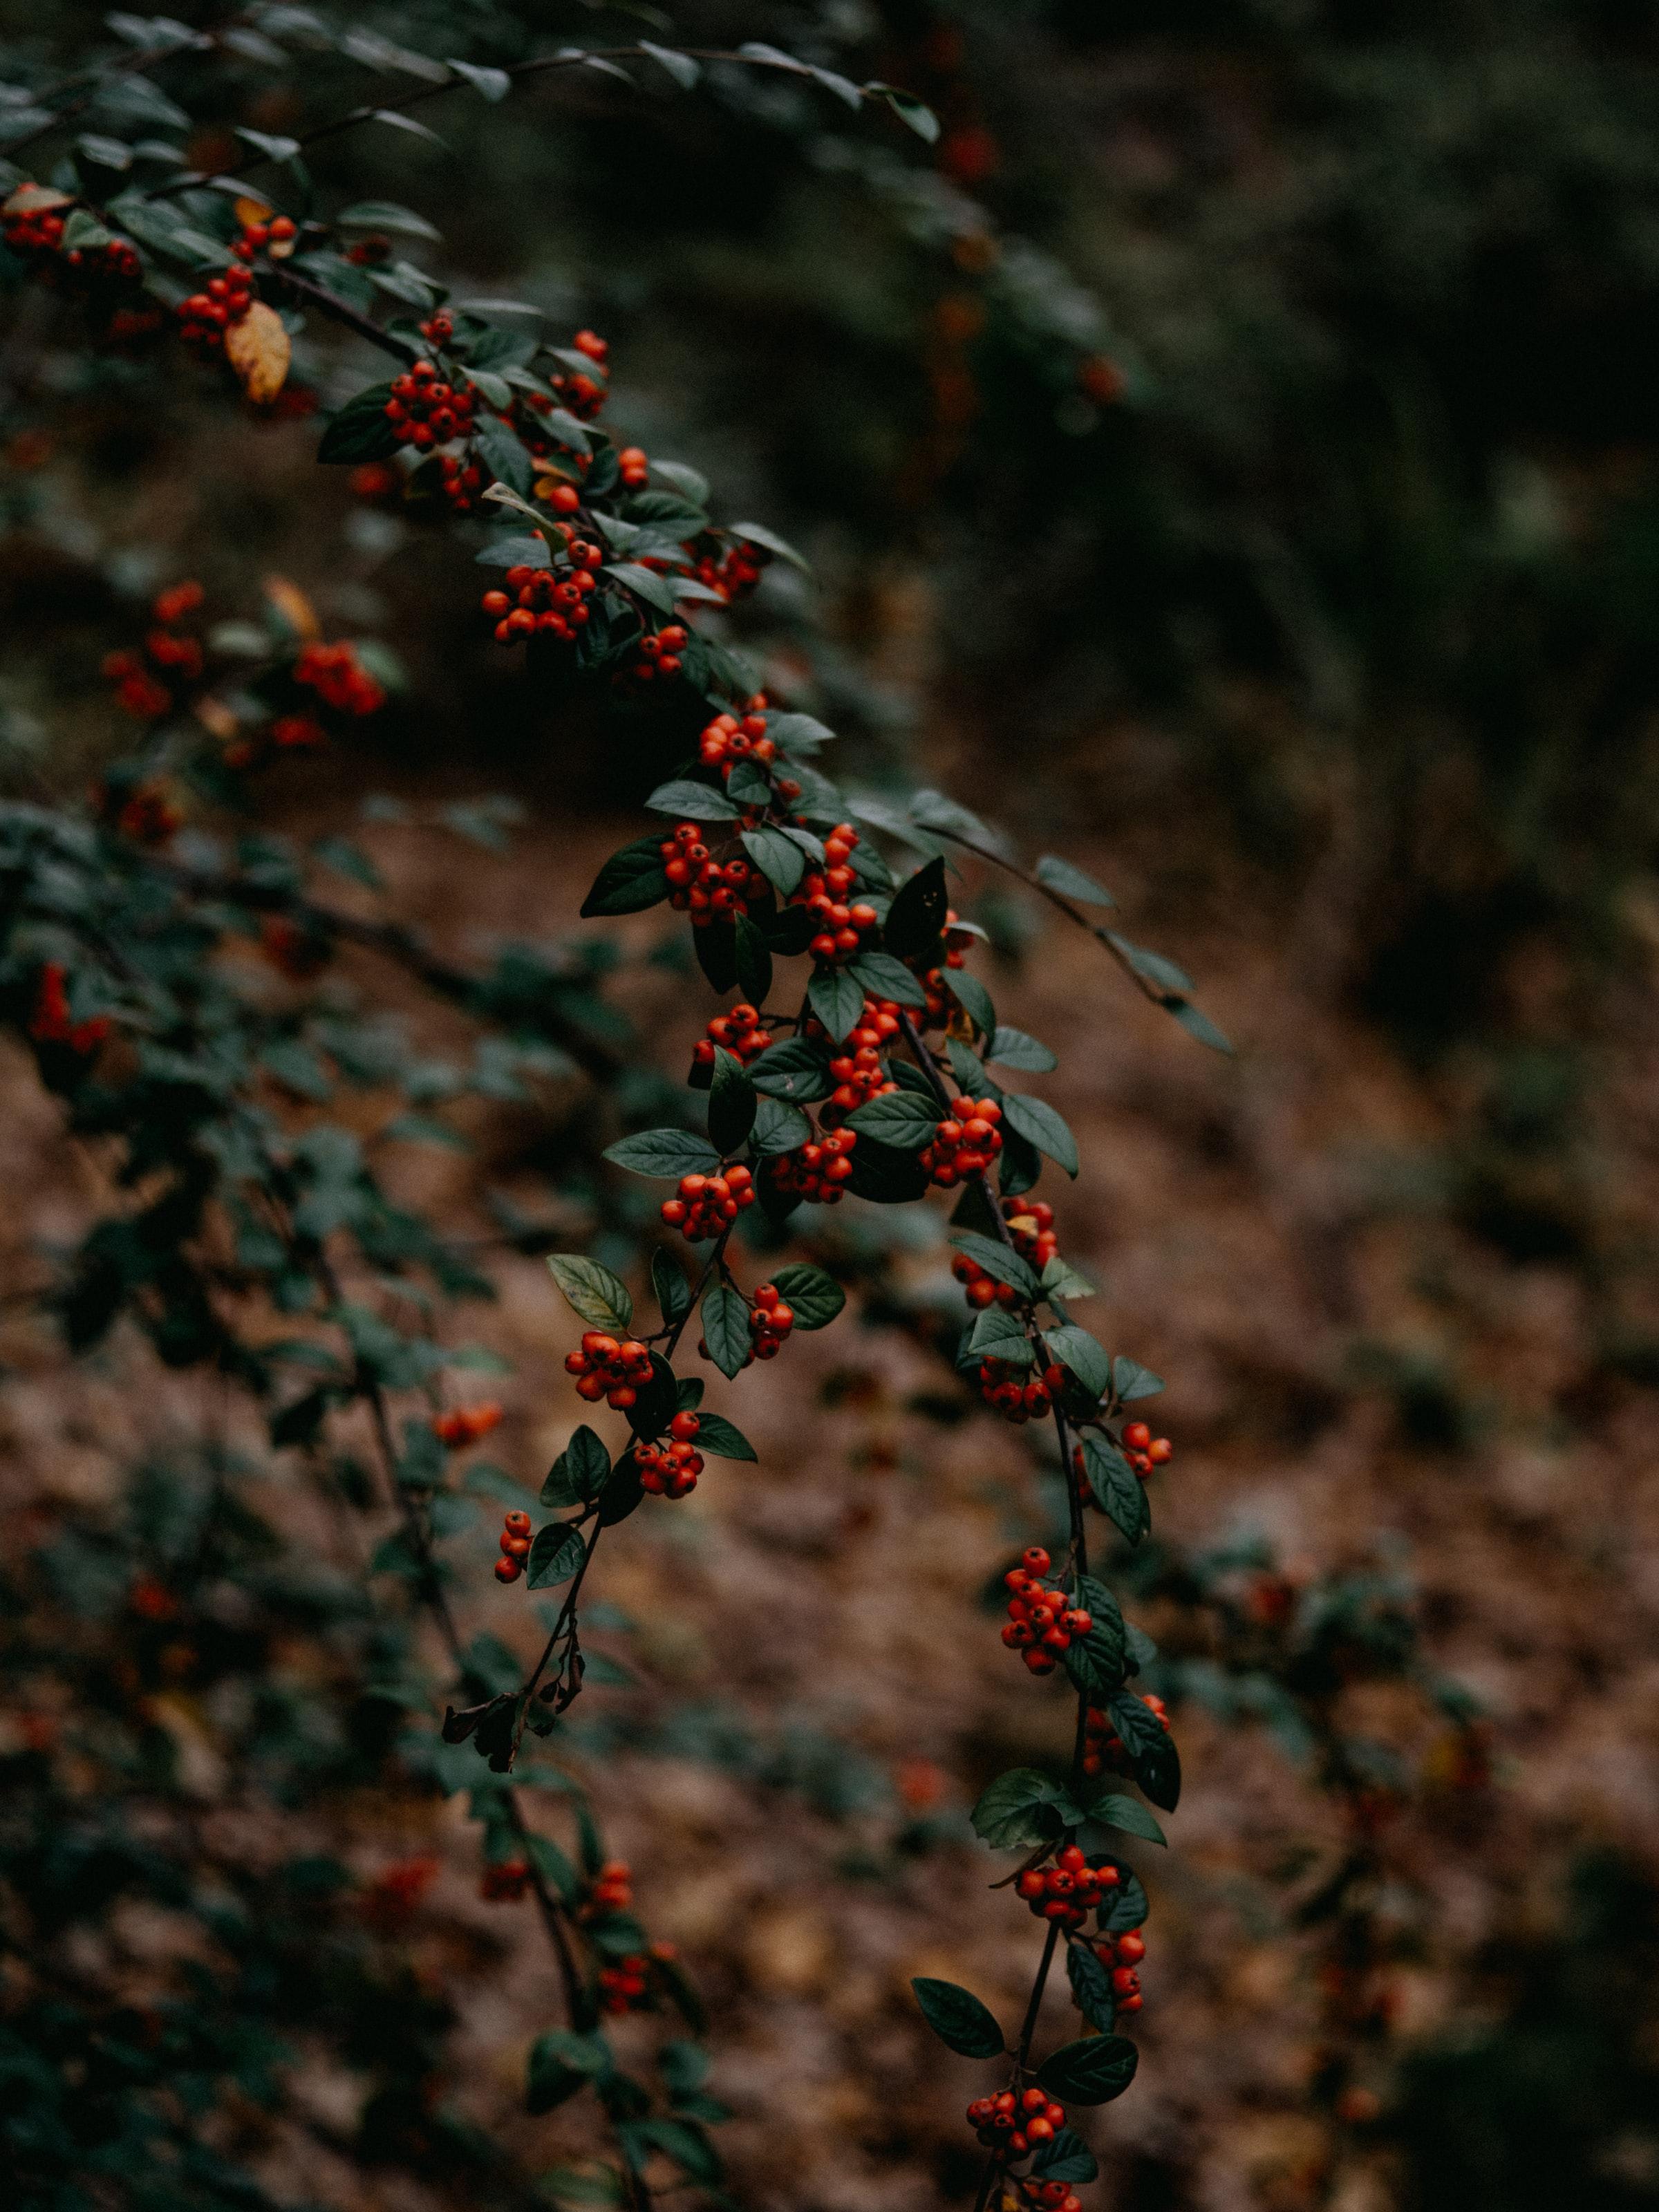 140014 обои 720x1520 на телефон бесплатно, скачать картинки Природа, Ягоды, Растение, Красный, Ветки 720x1520 на мобильный